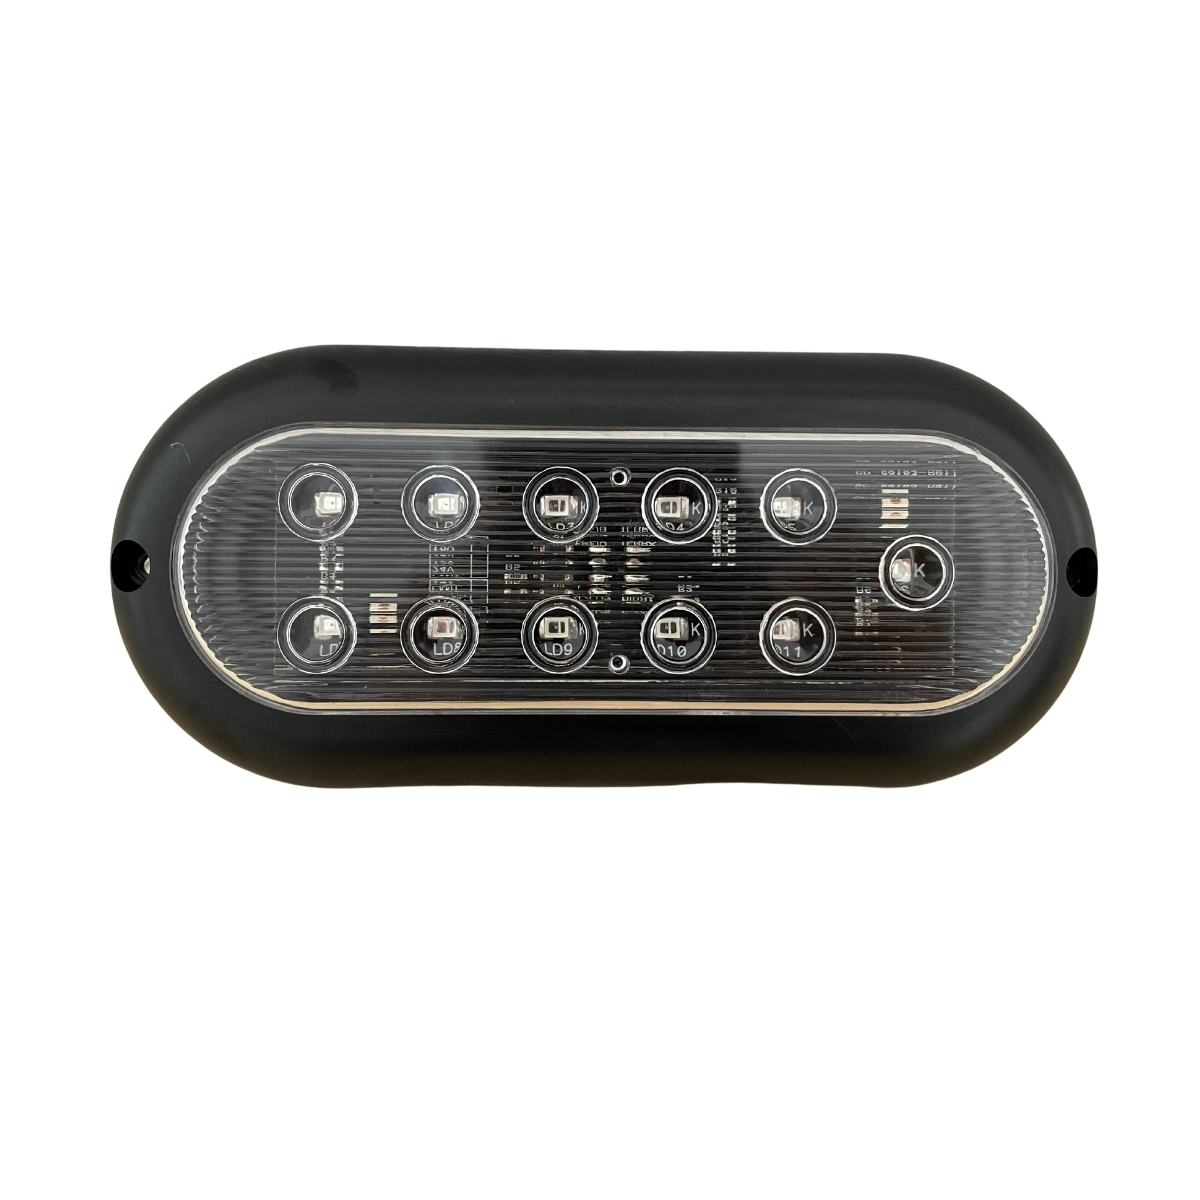 Lanterna Carreta Carretinha Reboque Jet Barco Cristal 12V